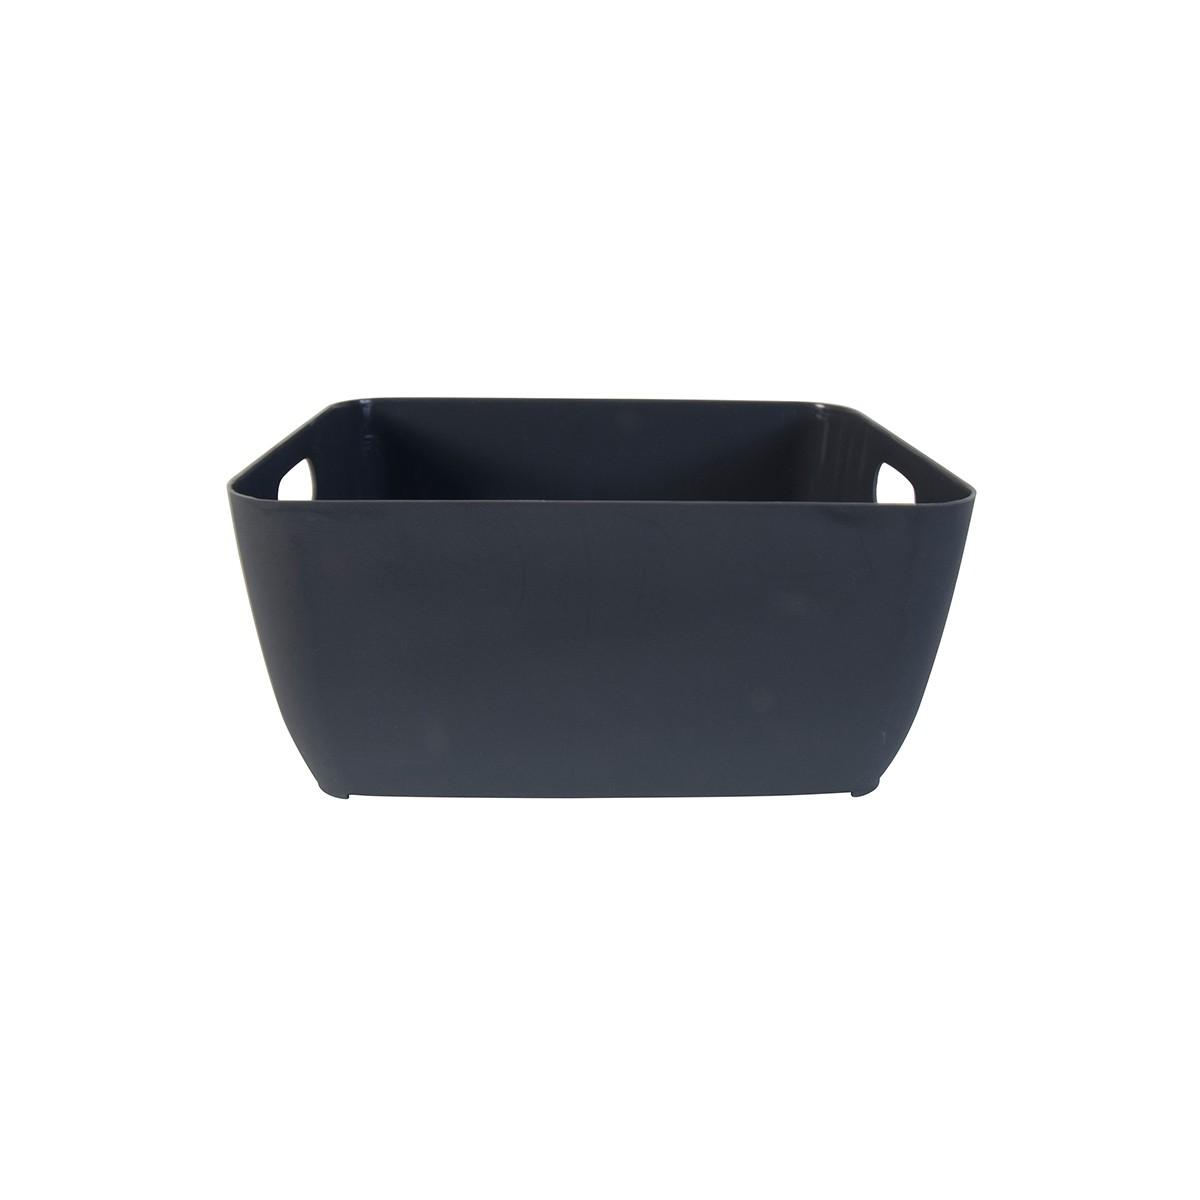 Κουτί Αποθήκευσης LifeStyle Store Box Small 05041.001 Dark